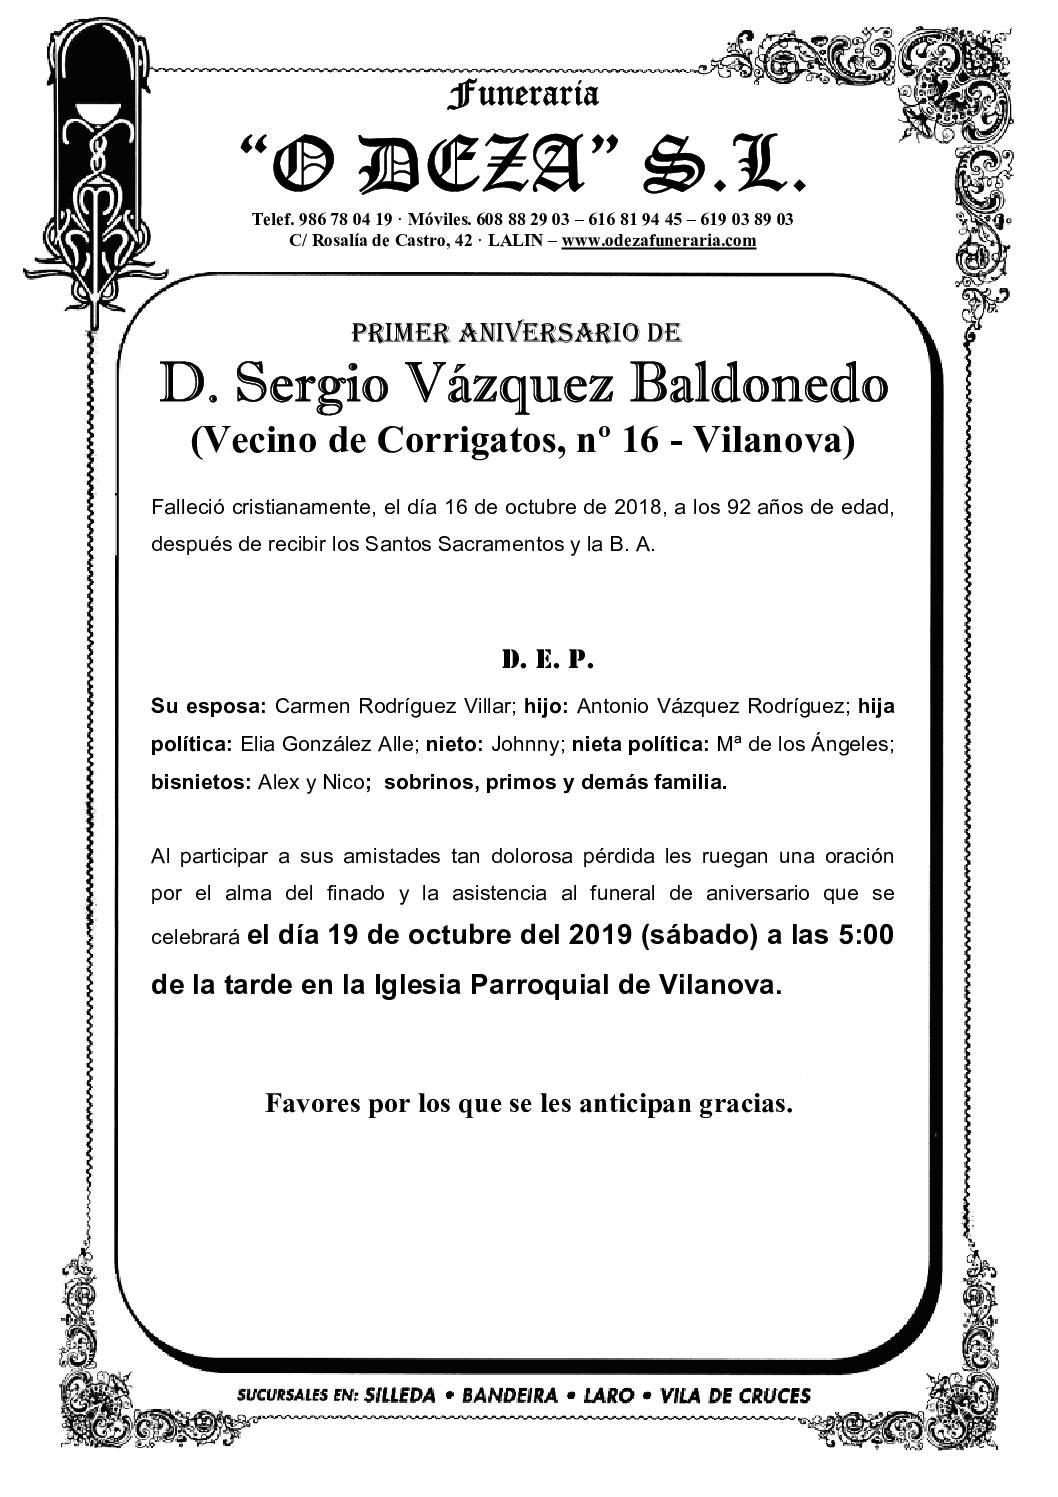 D. SERGIO VÁZQUEZ BALDONEDO